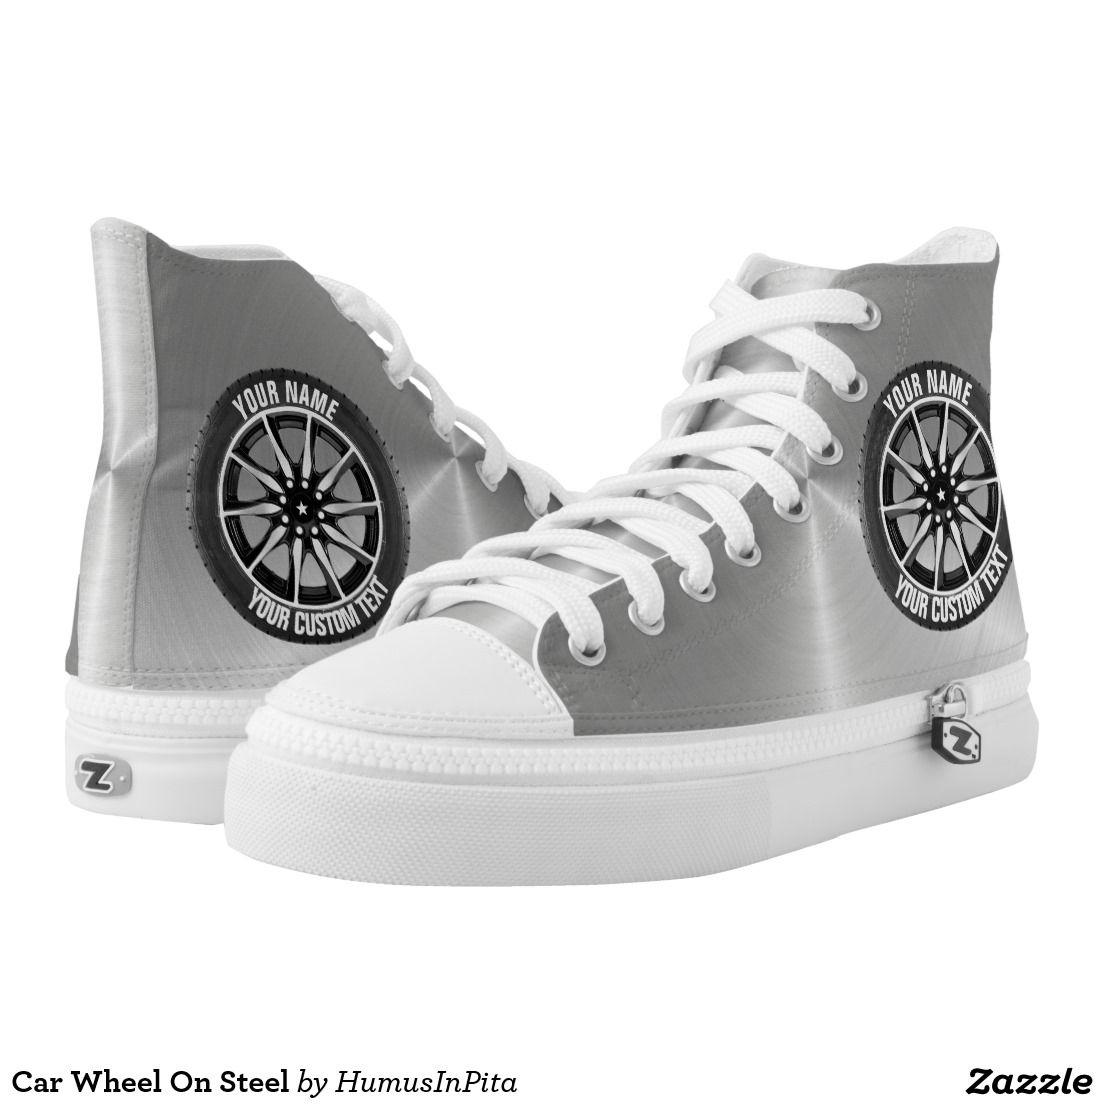 Car Wheel On Steel Printed Shoes